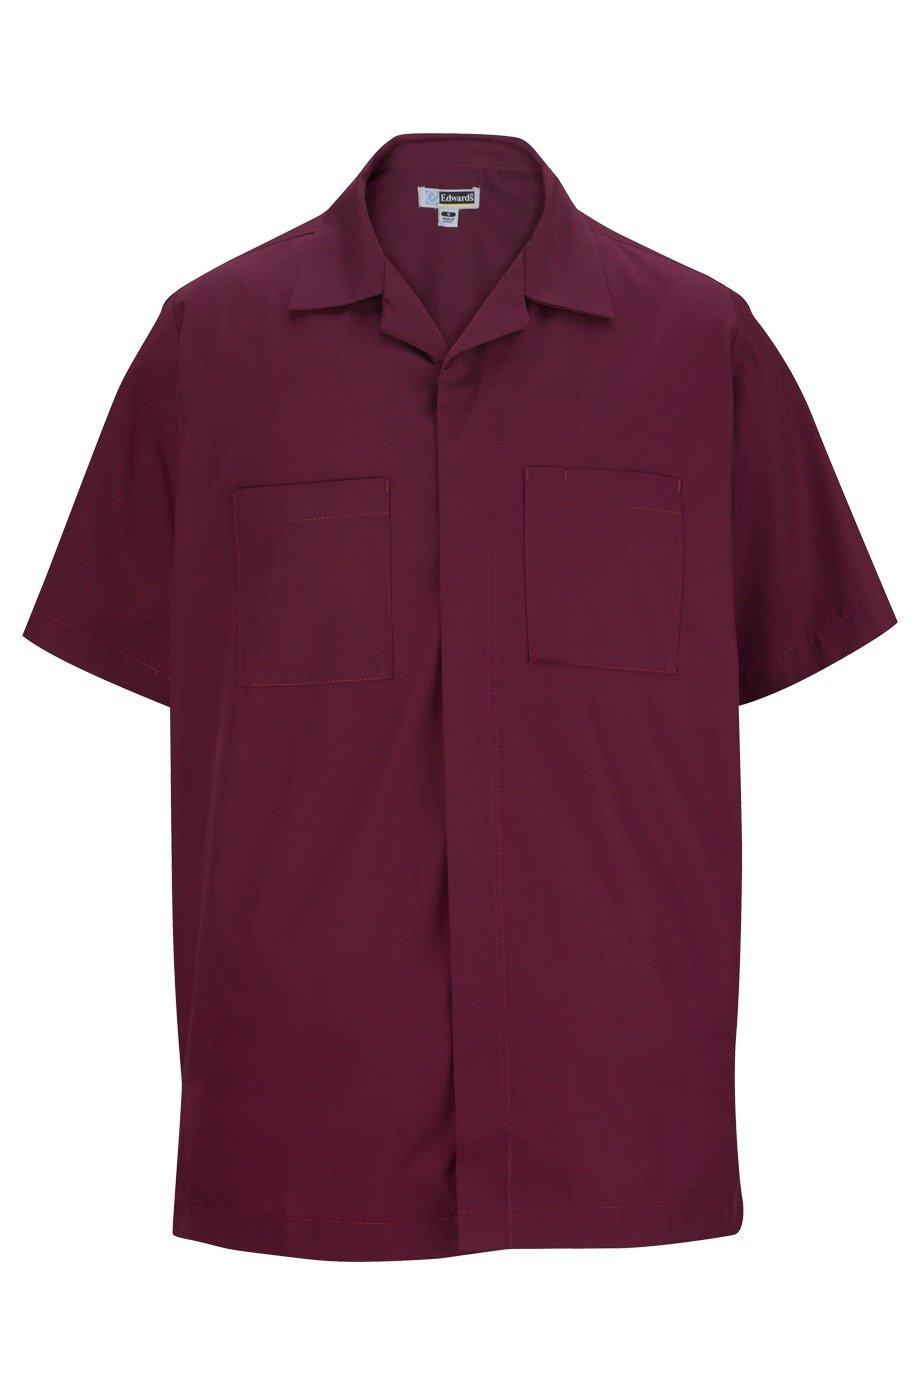 Ed Garments Men's Chest Pocket Service Shirt, CABERNET, M